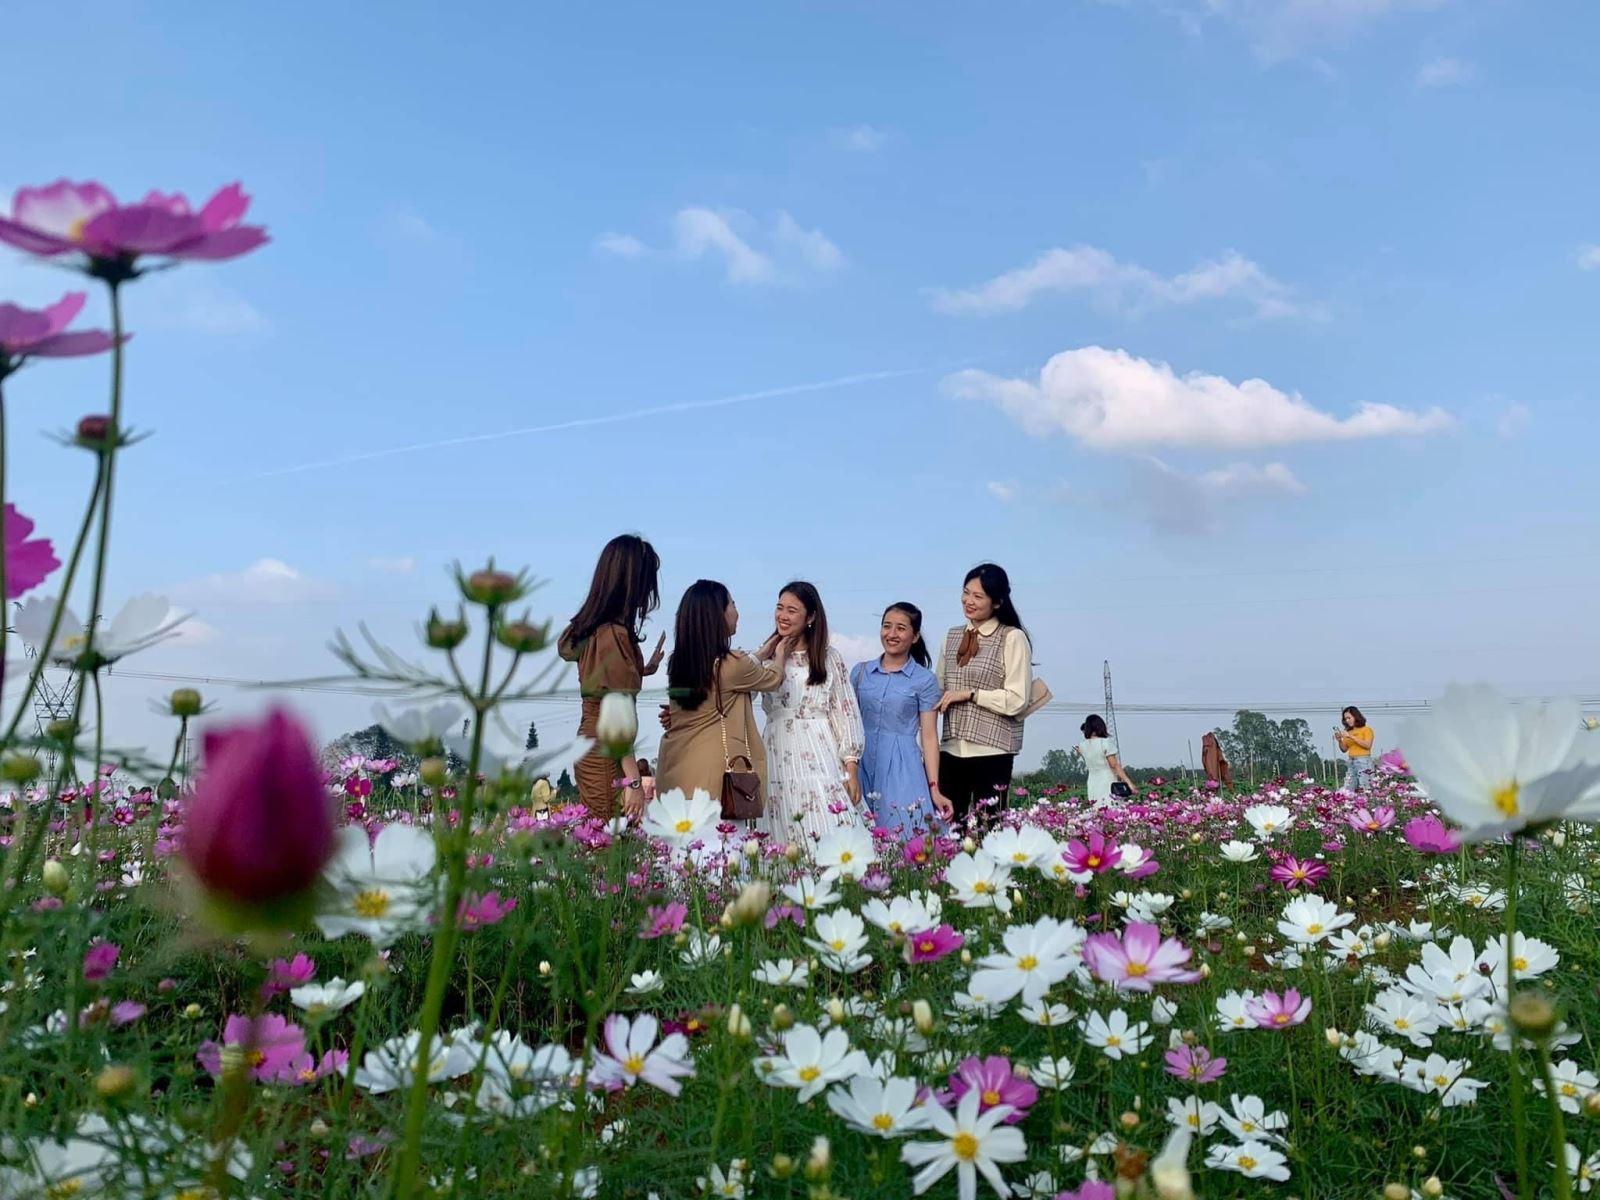 Du khách chụp ảnh tại vườn hoa An Nha, xã Gio An huyện Gio Linh